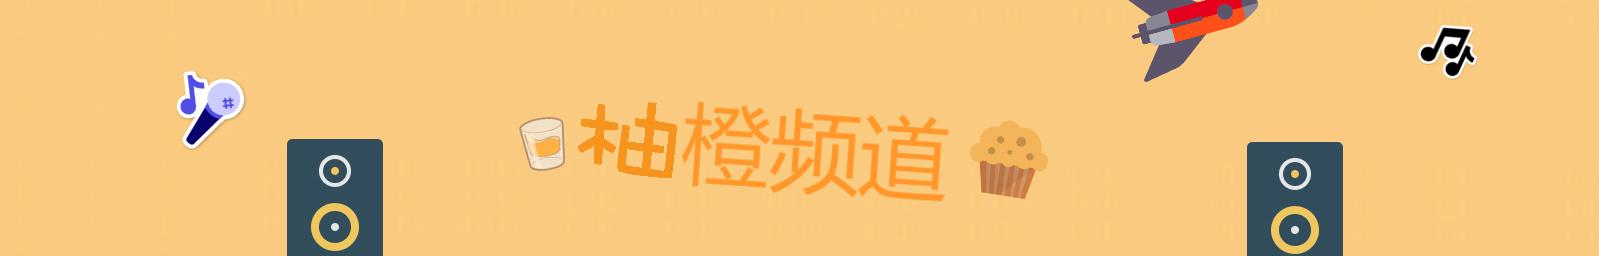 柚__橙 banner